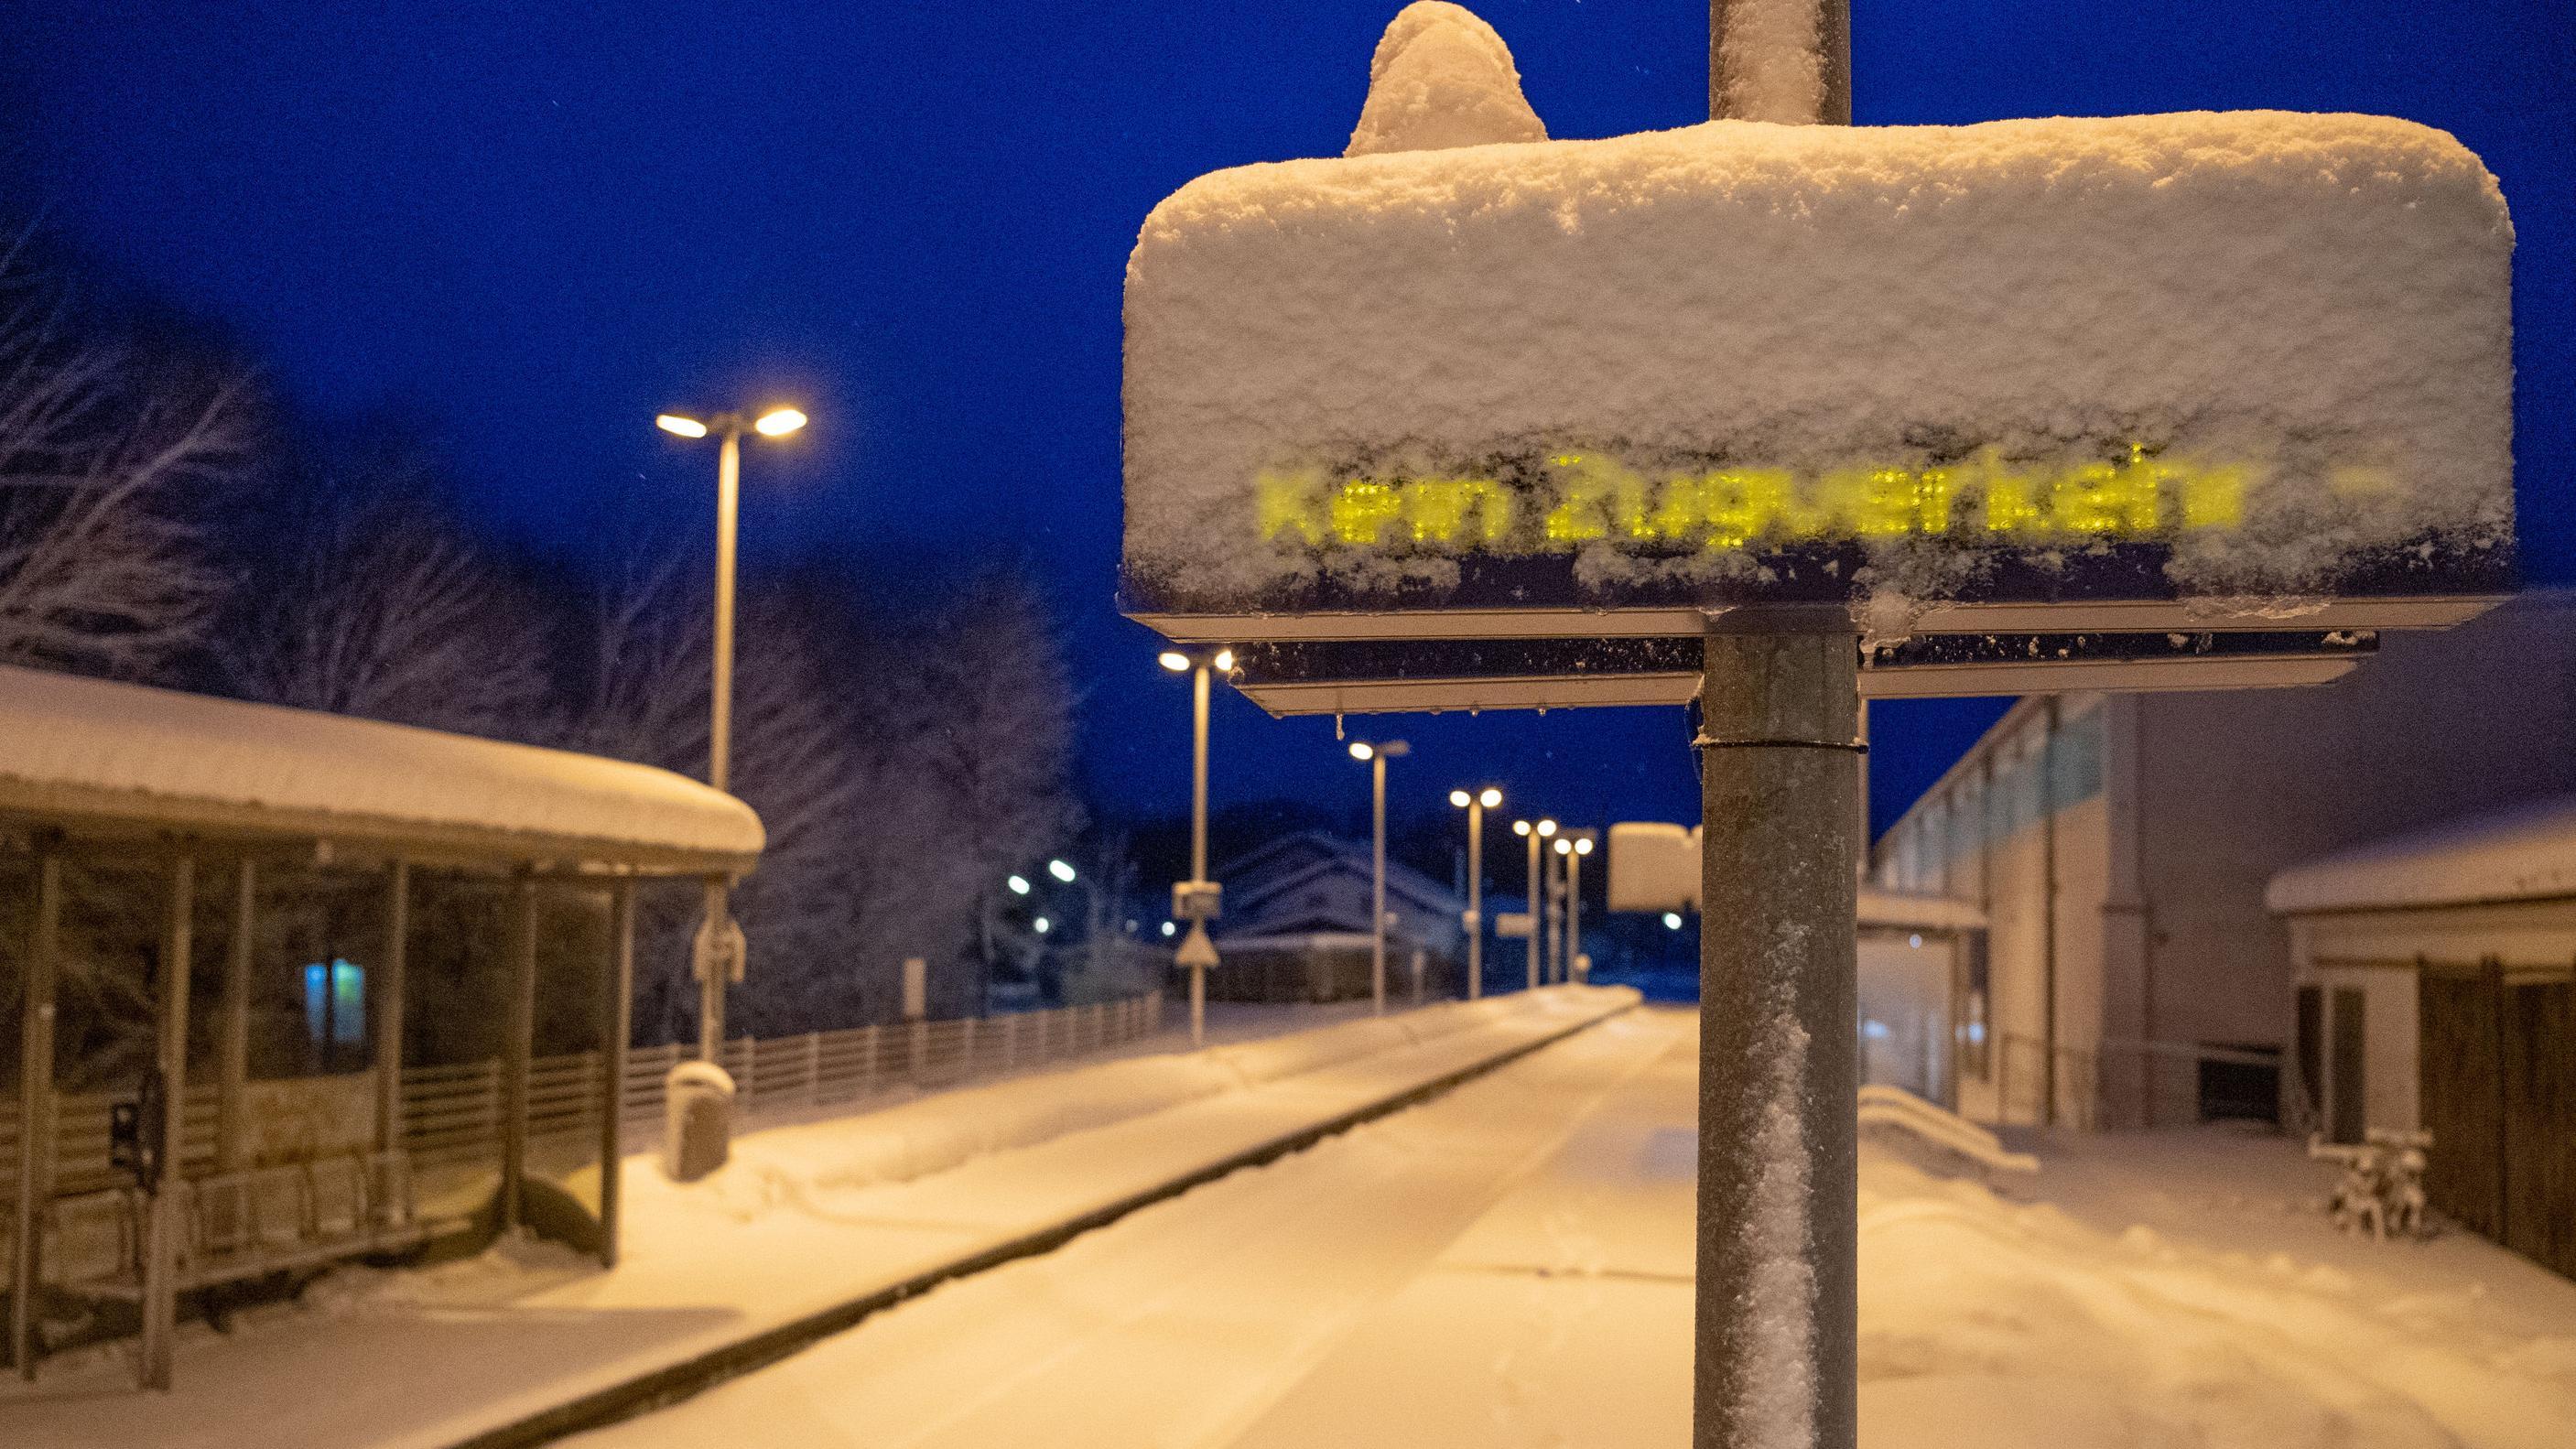 Verkehrschaos auch bei der Bahn: Vorallem in Südbayern wie hier in Miesbach waren Strecken wegen des vielen Schnees gesperrt.